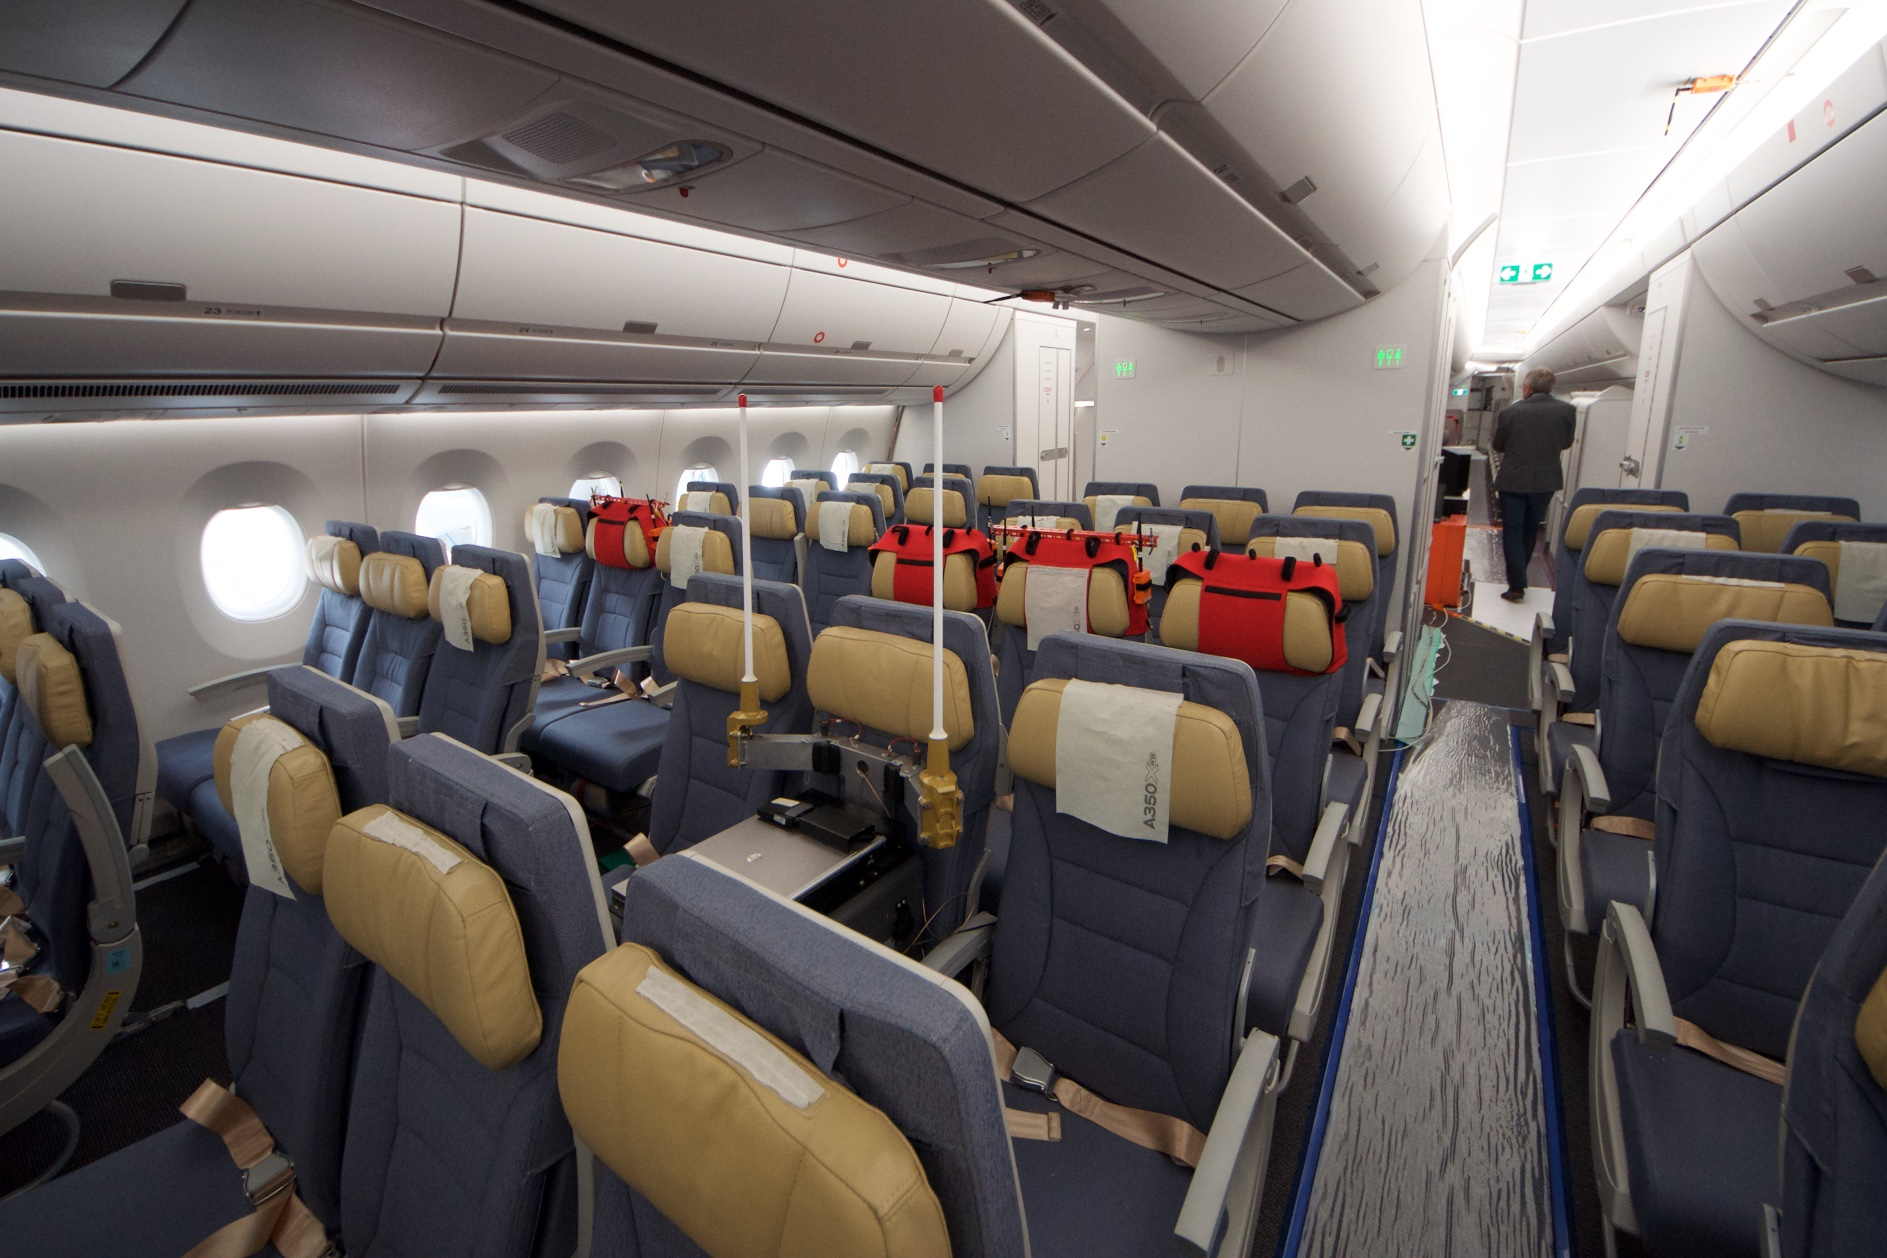 Airbus A350-1000XWB: Ein Blick ins Innere eines Testflugzeugs - In der Kabine finden sich viele Sensoren ... (Foto: Andreas Sebayang)